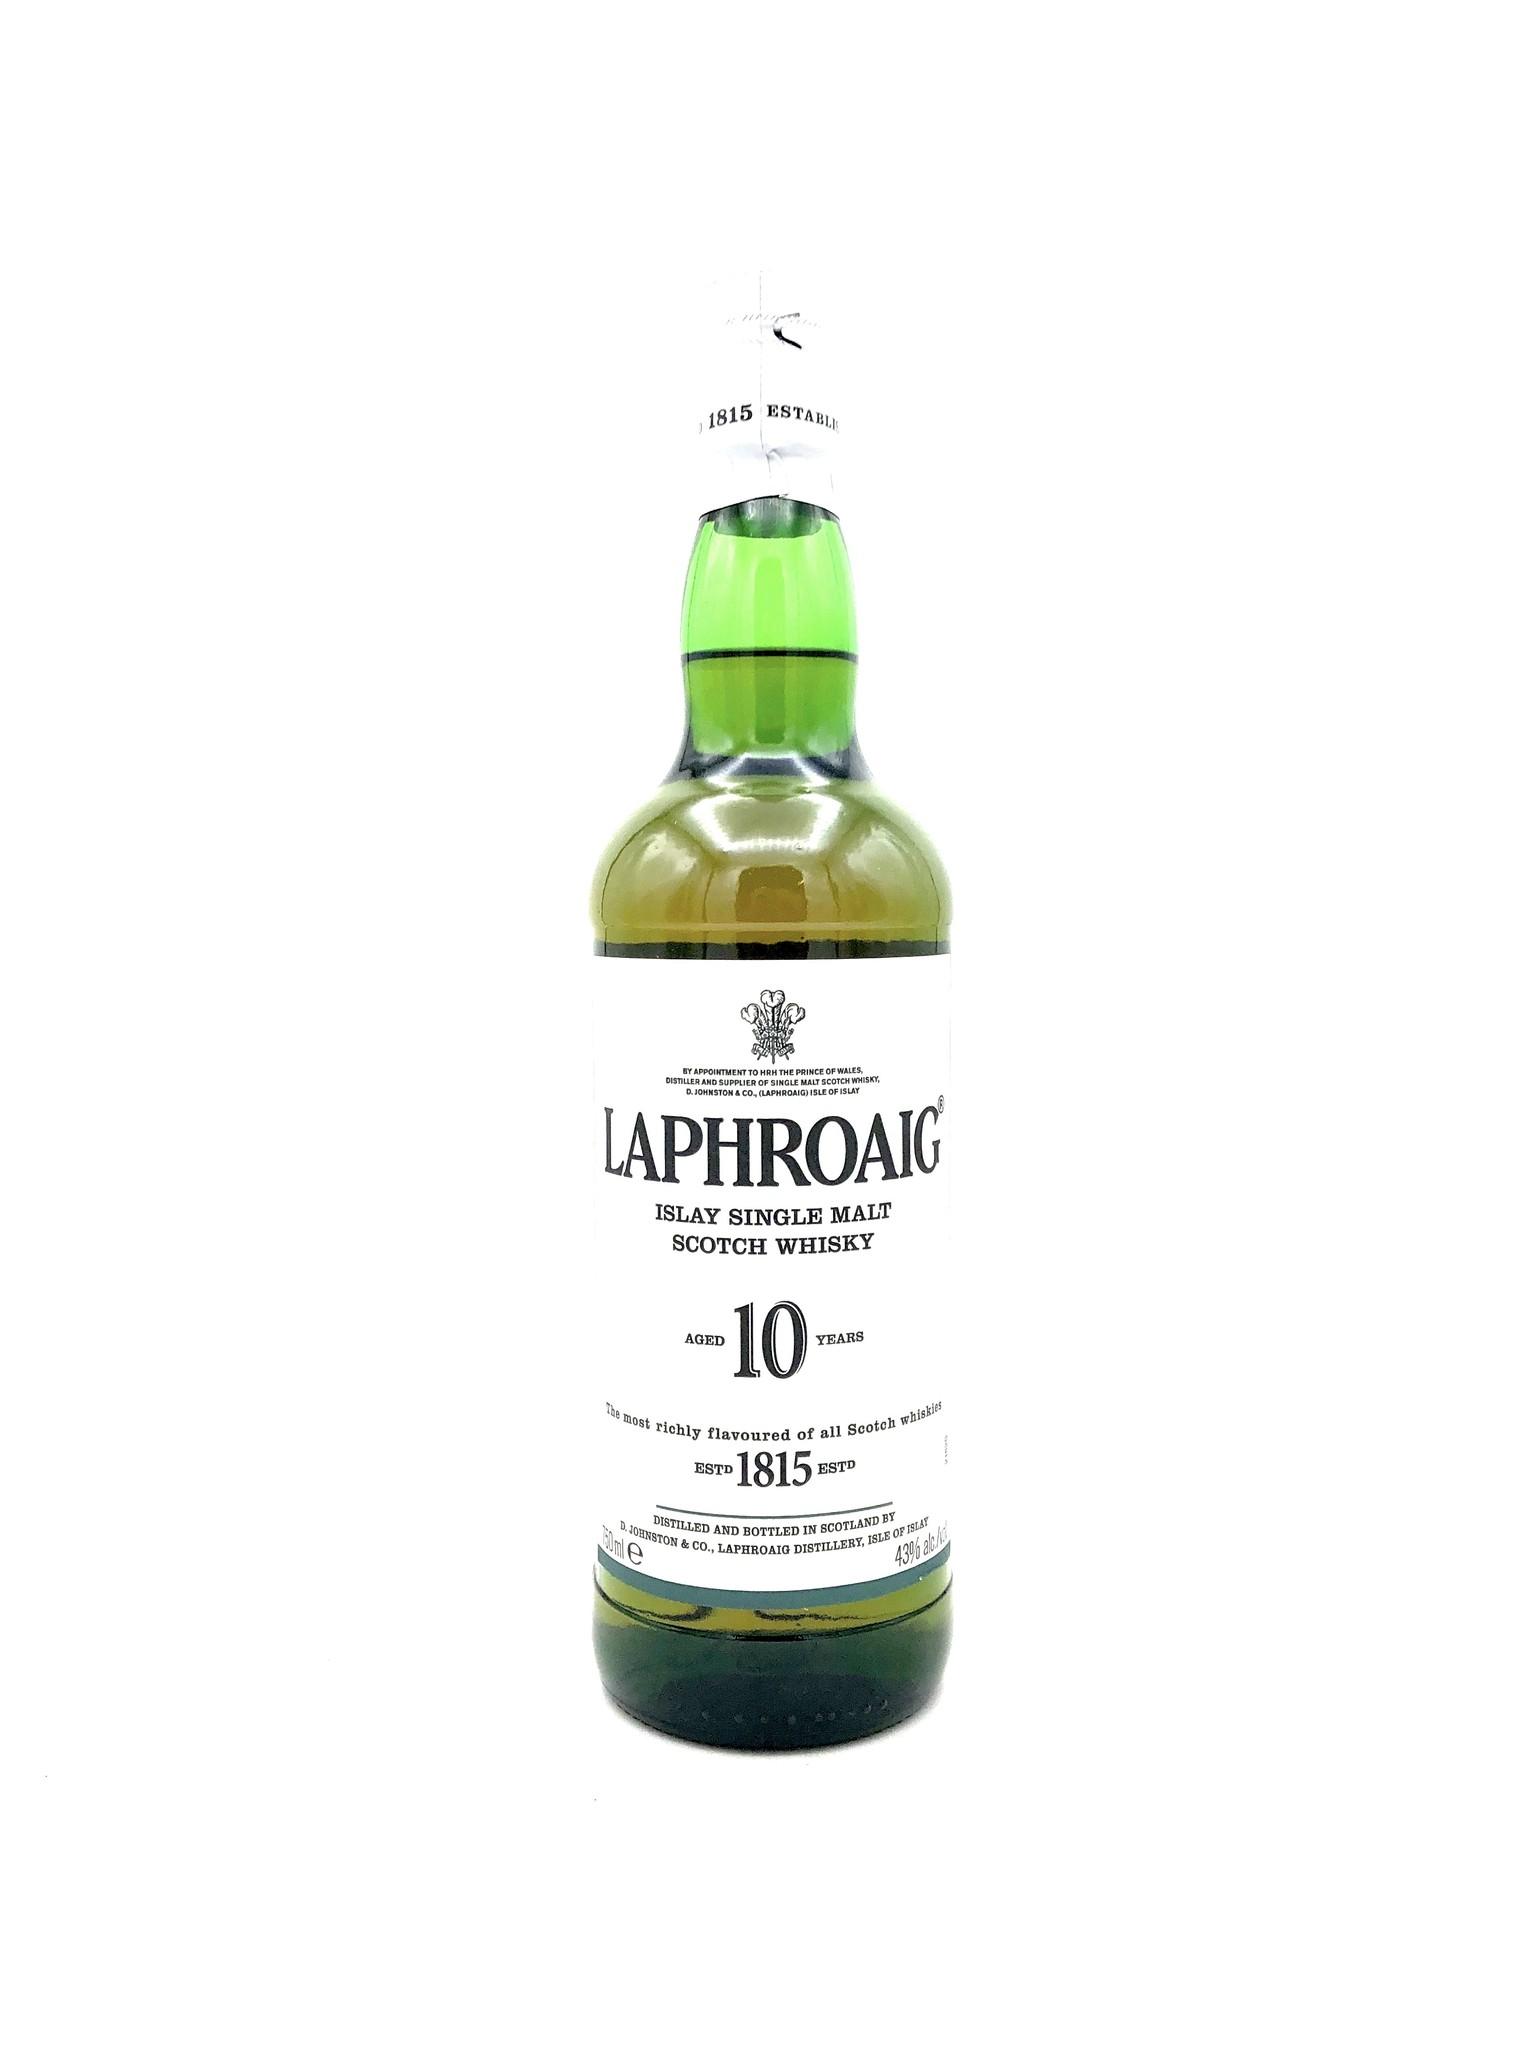 Laphroaig 10 Year Single Malt Scotch